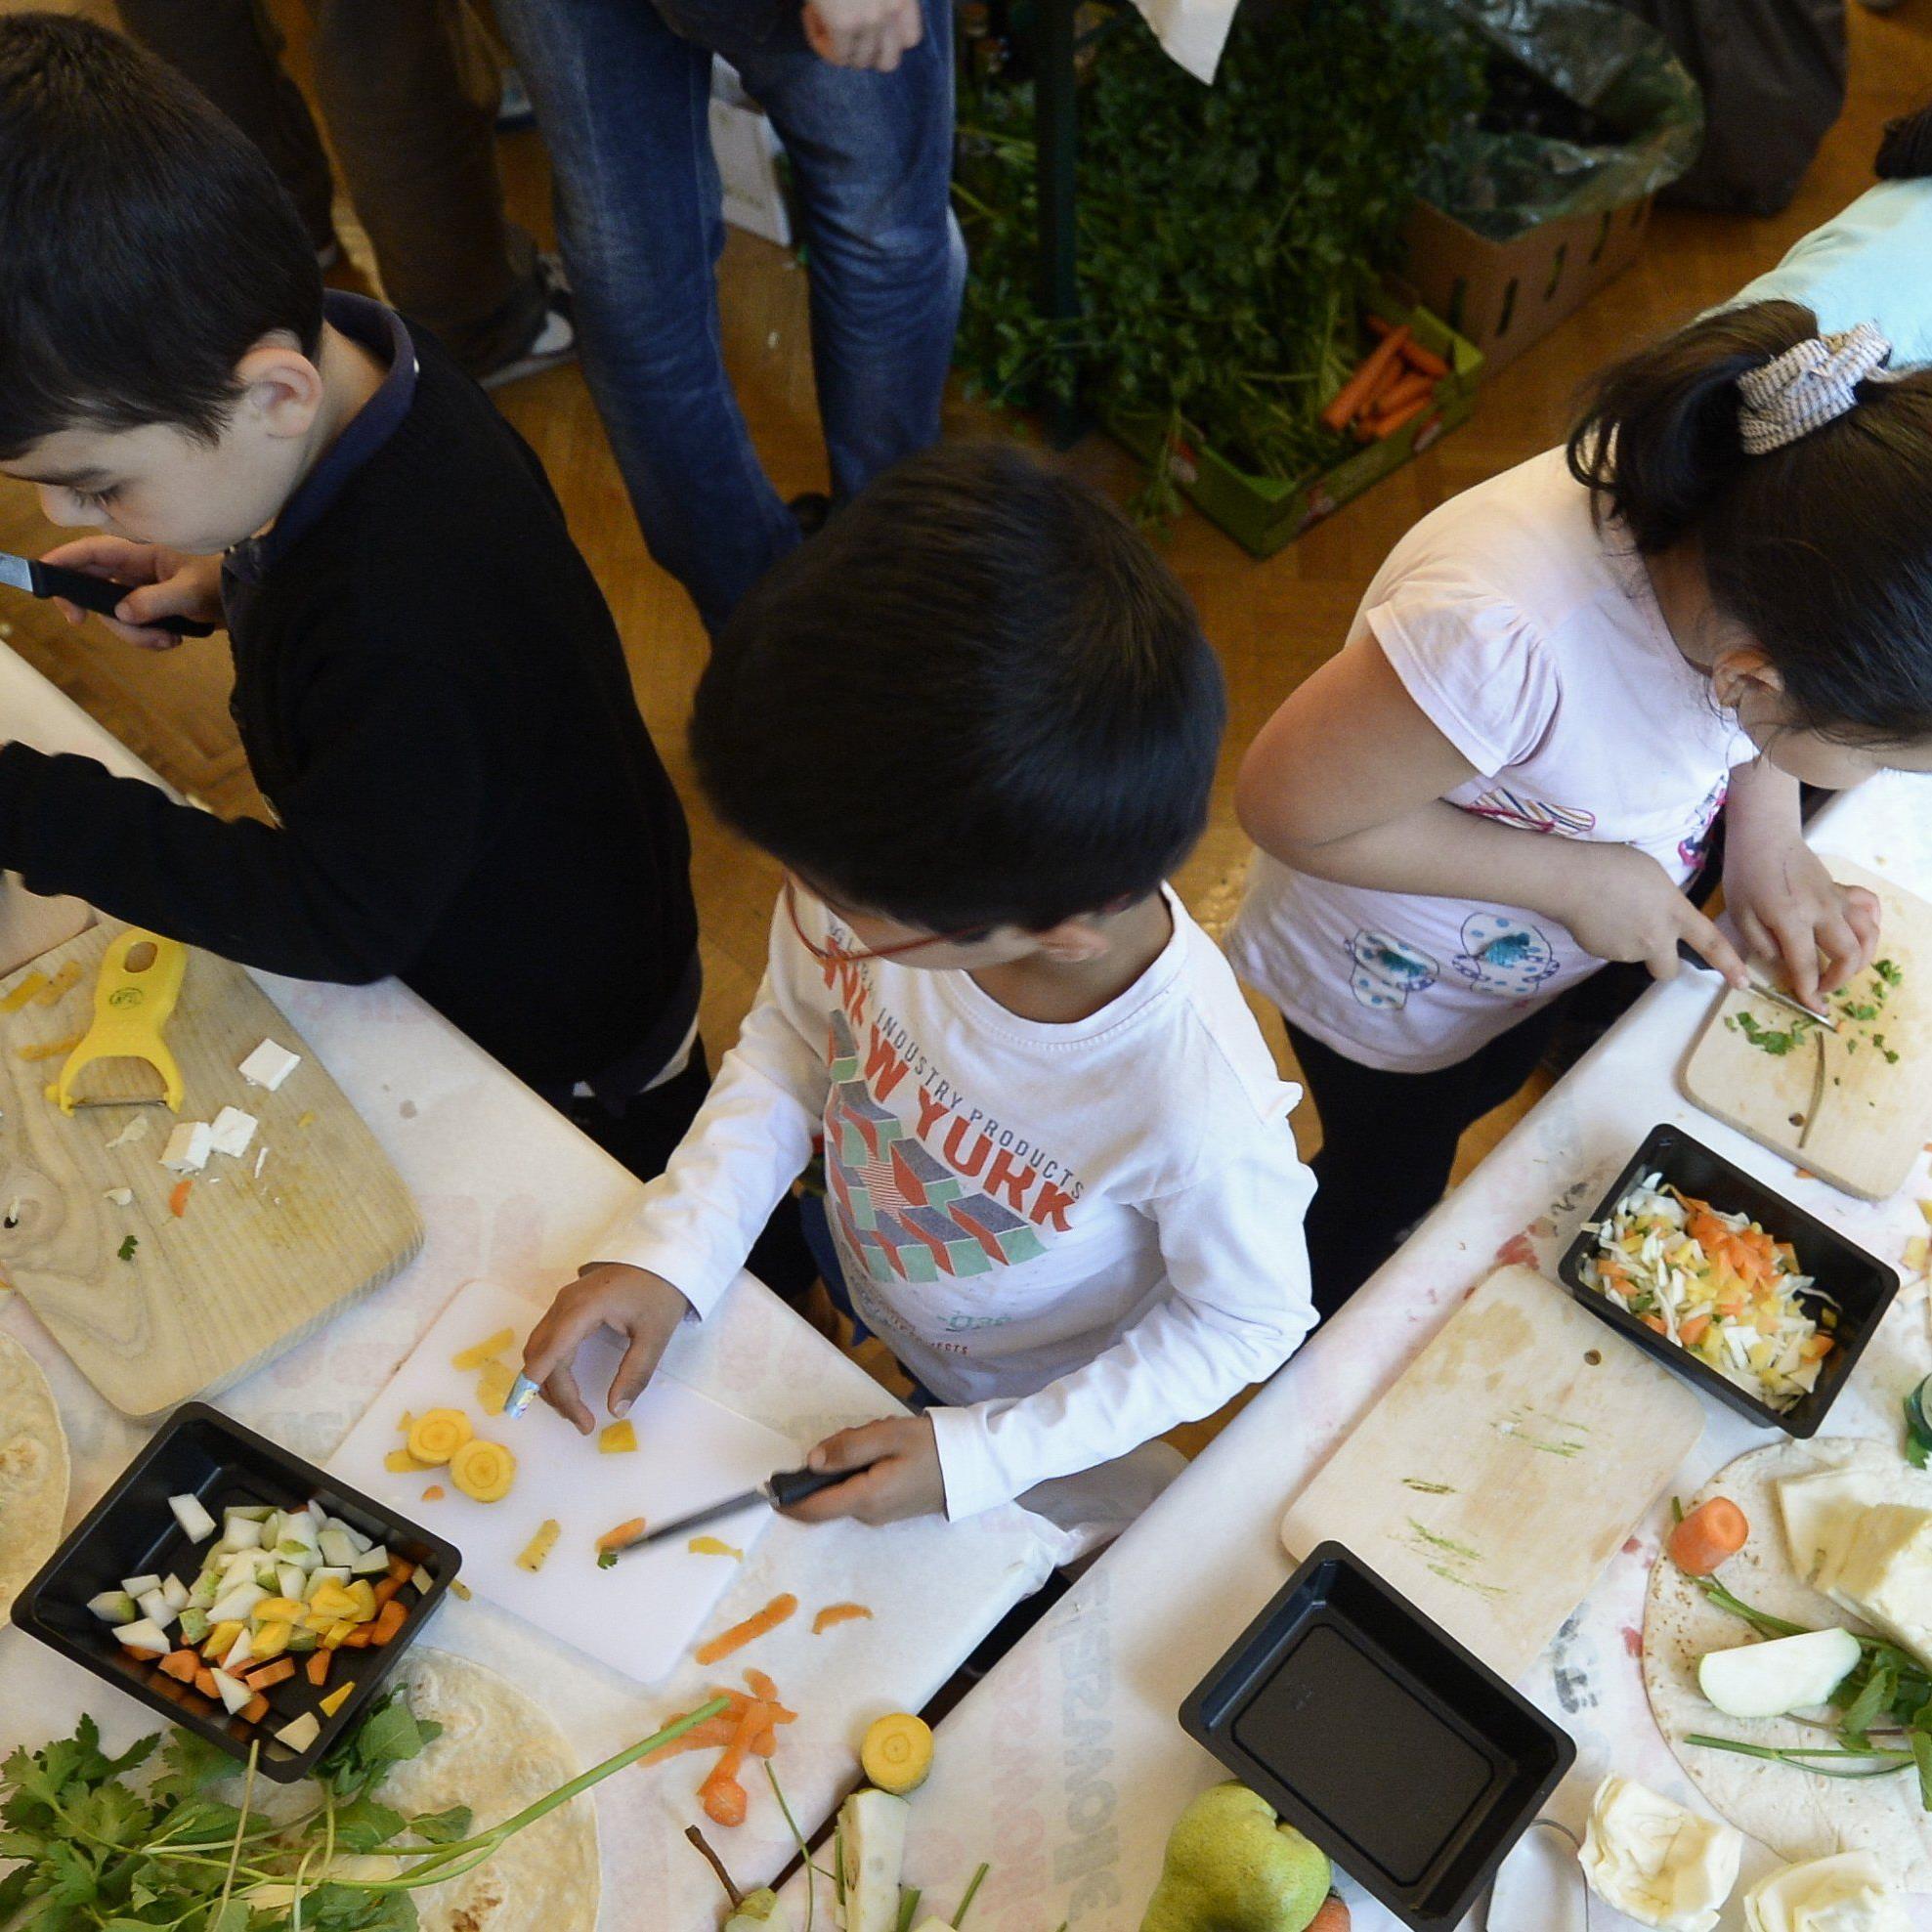 In England wird Kindern unter 14 Jahren Kochen unterrichtet.